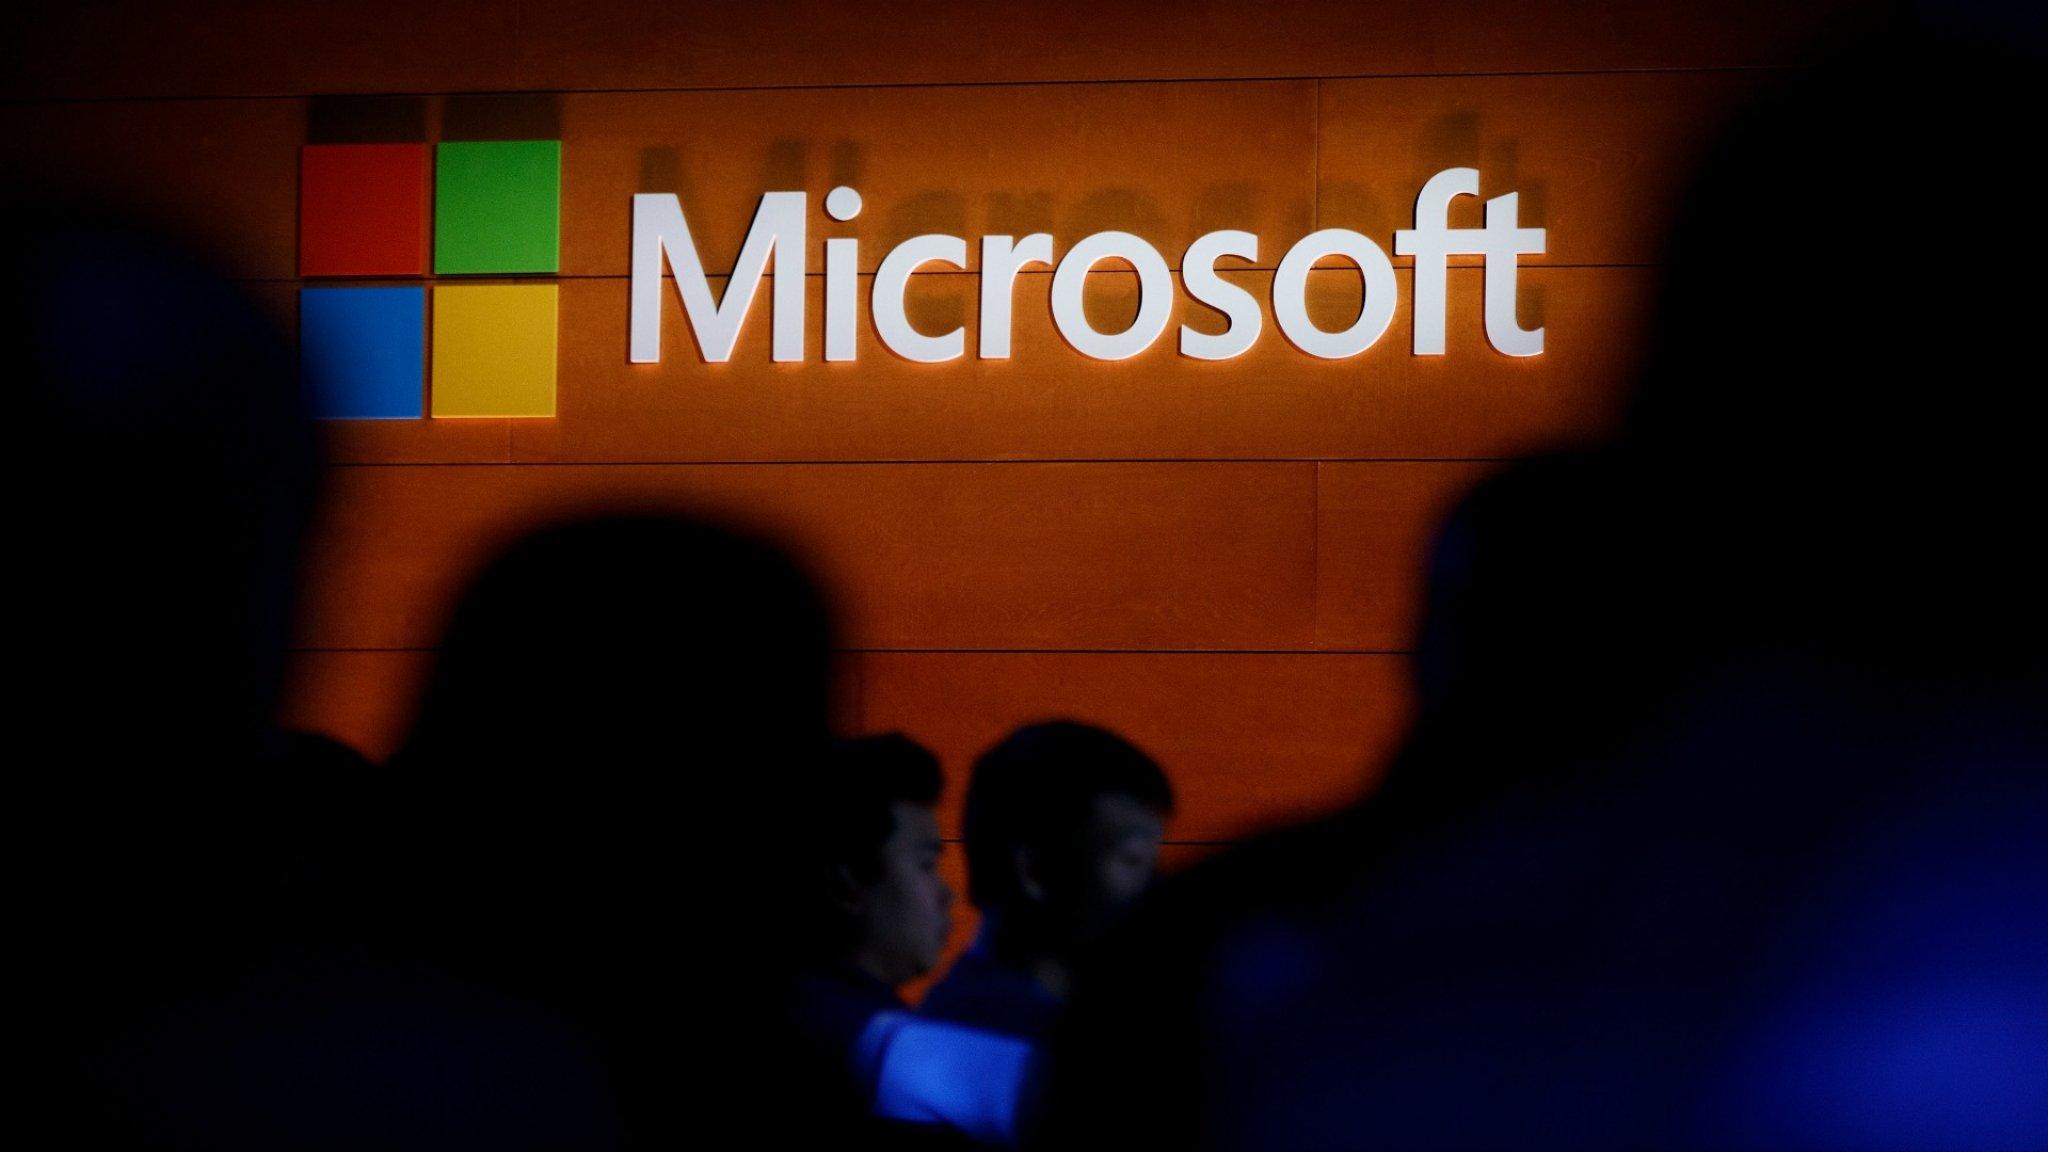 'Gaten in mailservers Microsoft ook in Nederland misbruikt' - RTL Nieuws